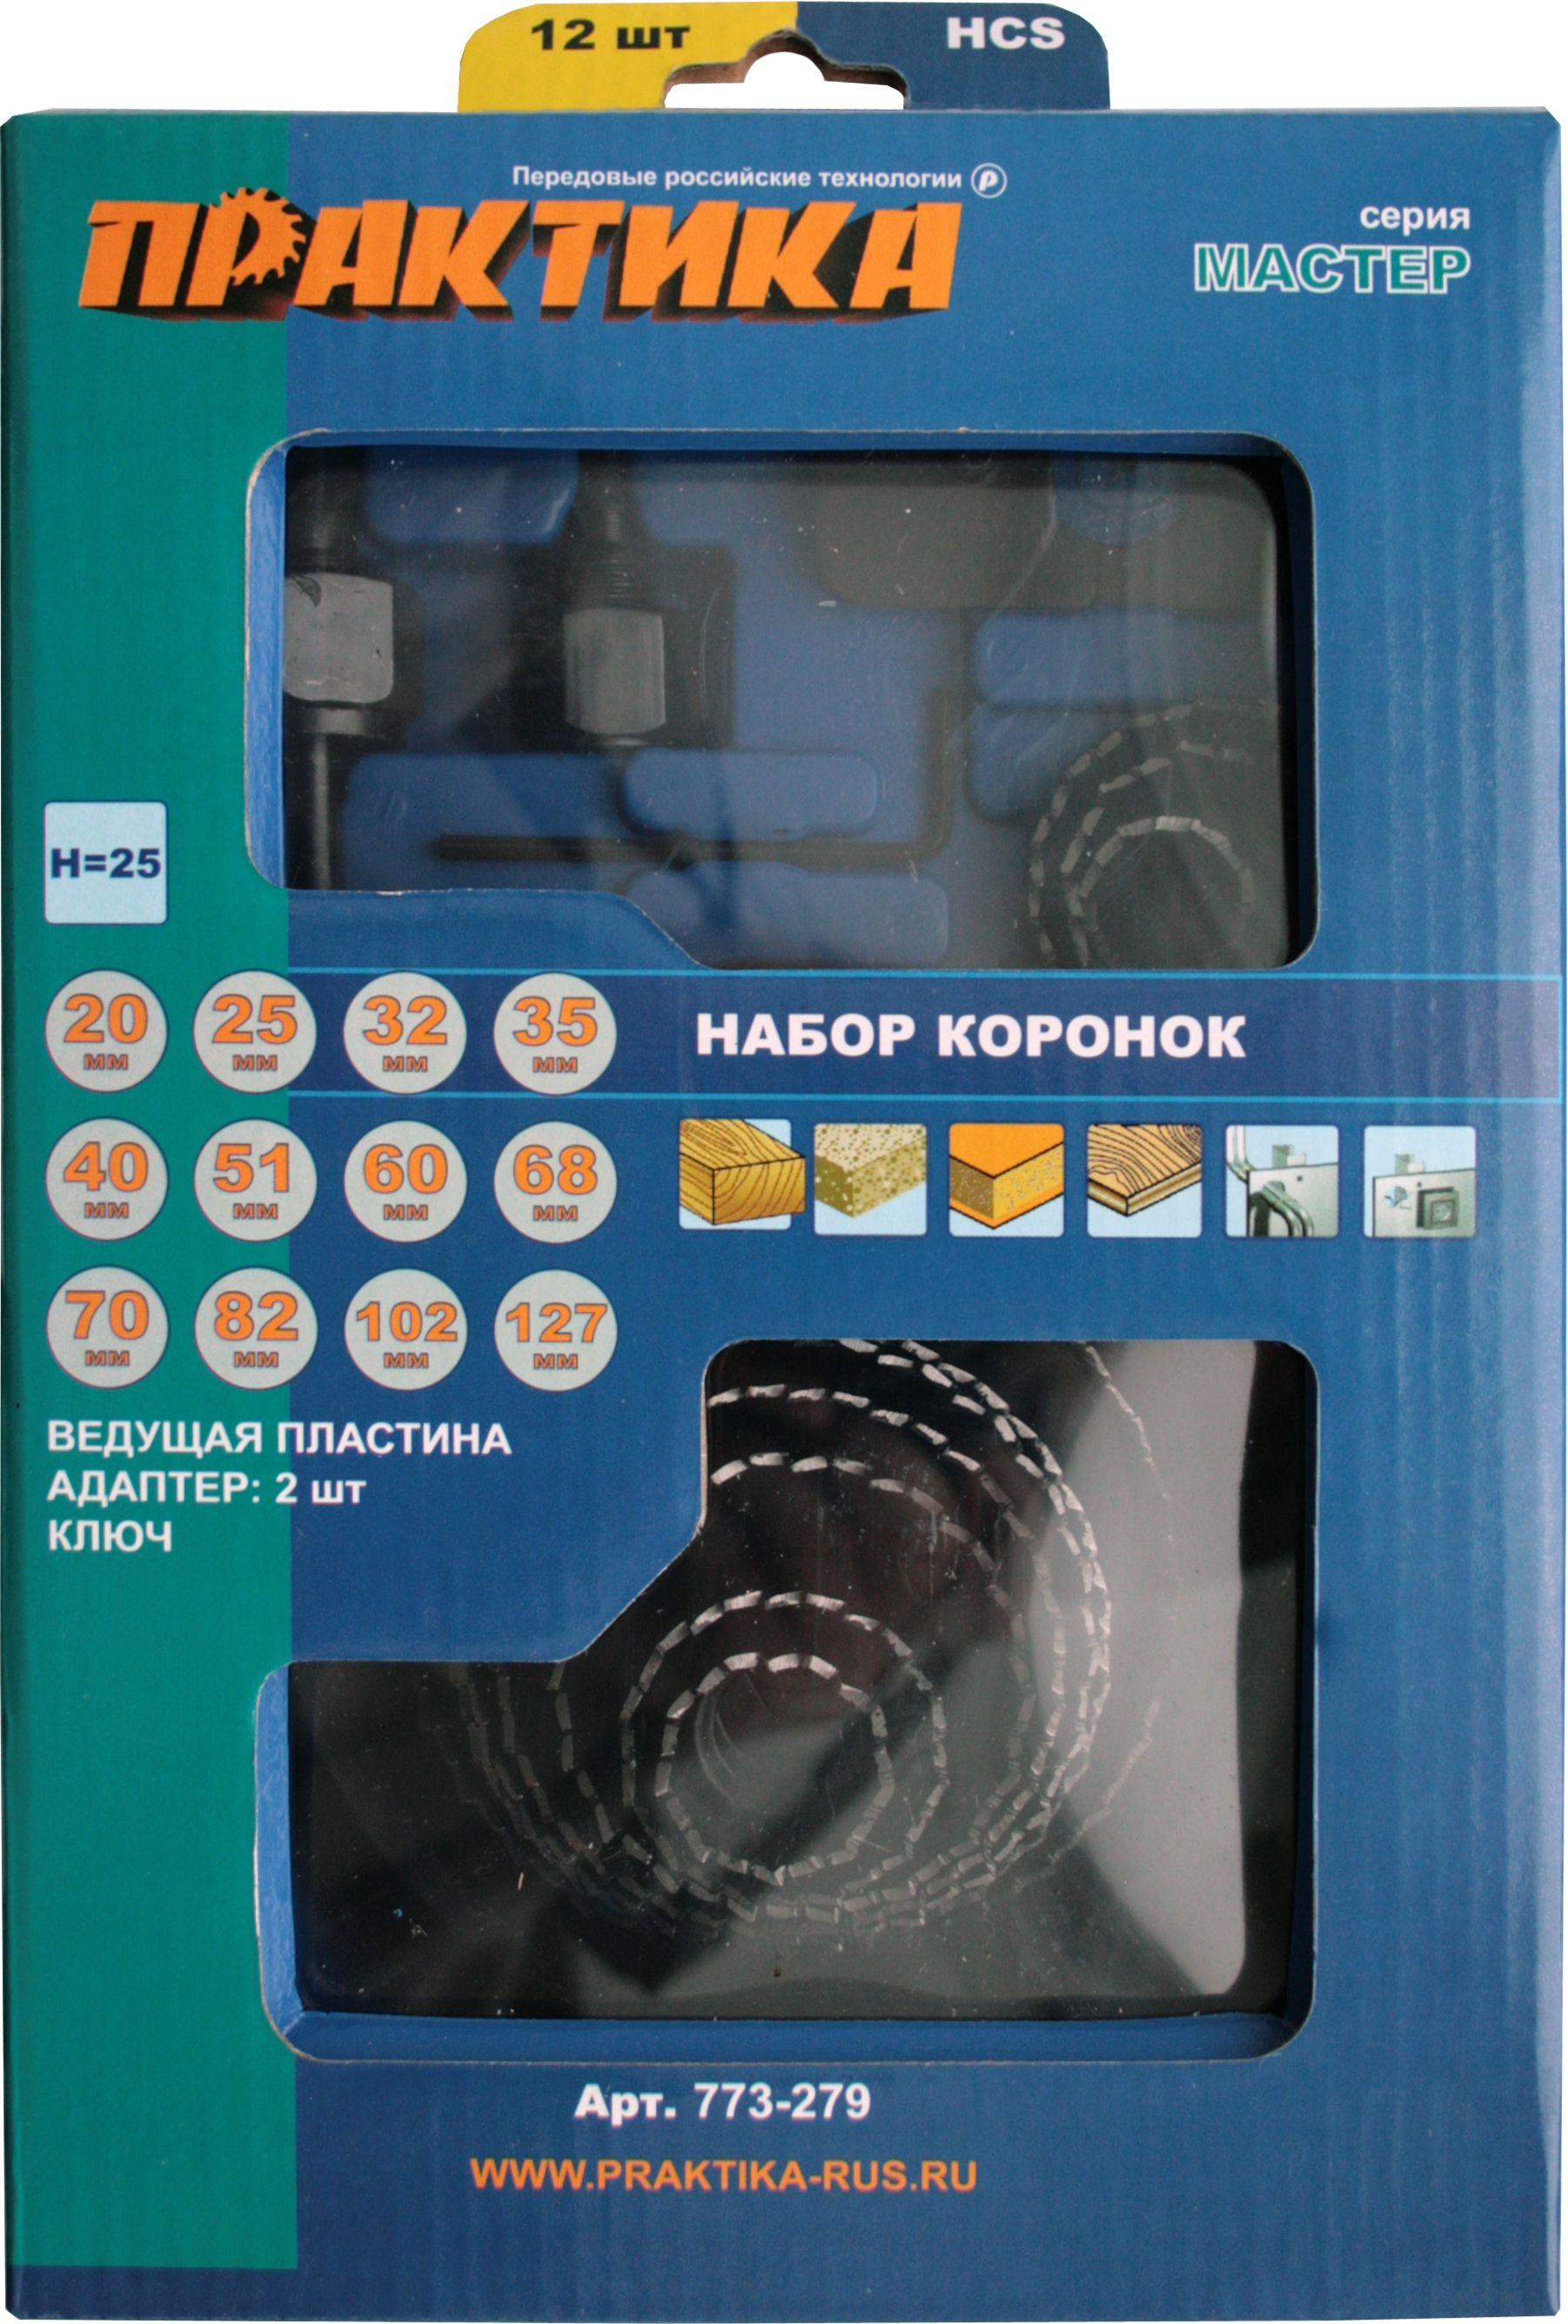 Купить Набор коронок ПРАКТИКА 773-279 12шт. 20-127мм, hcs сталь, Россия